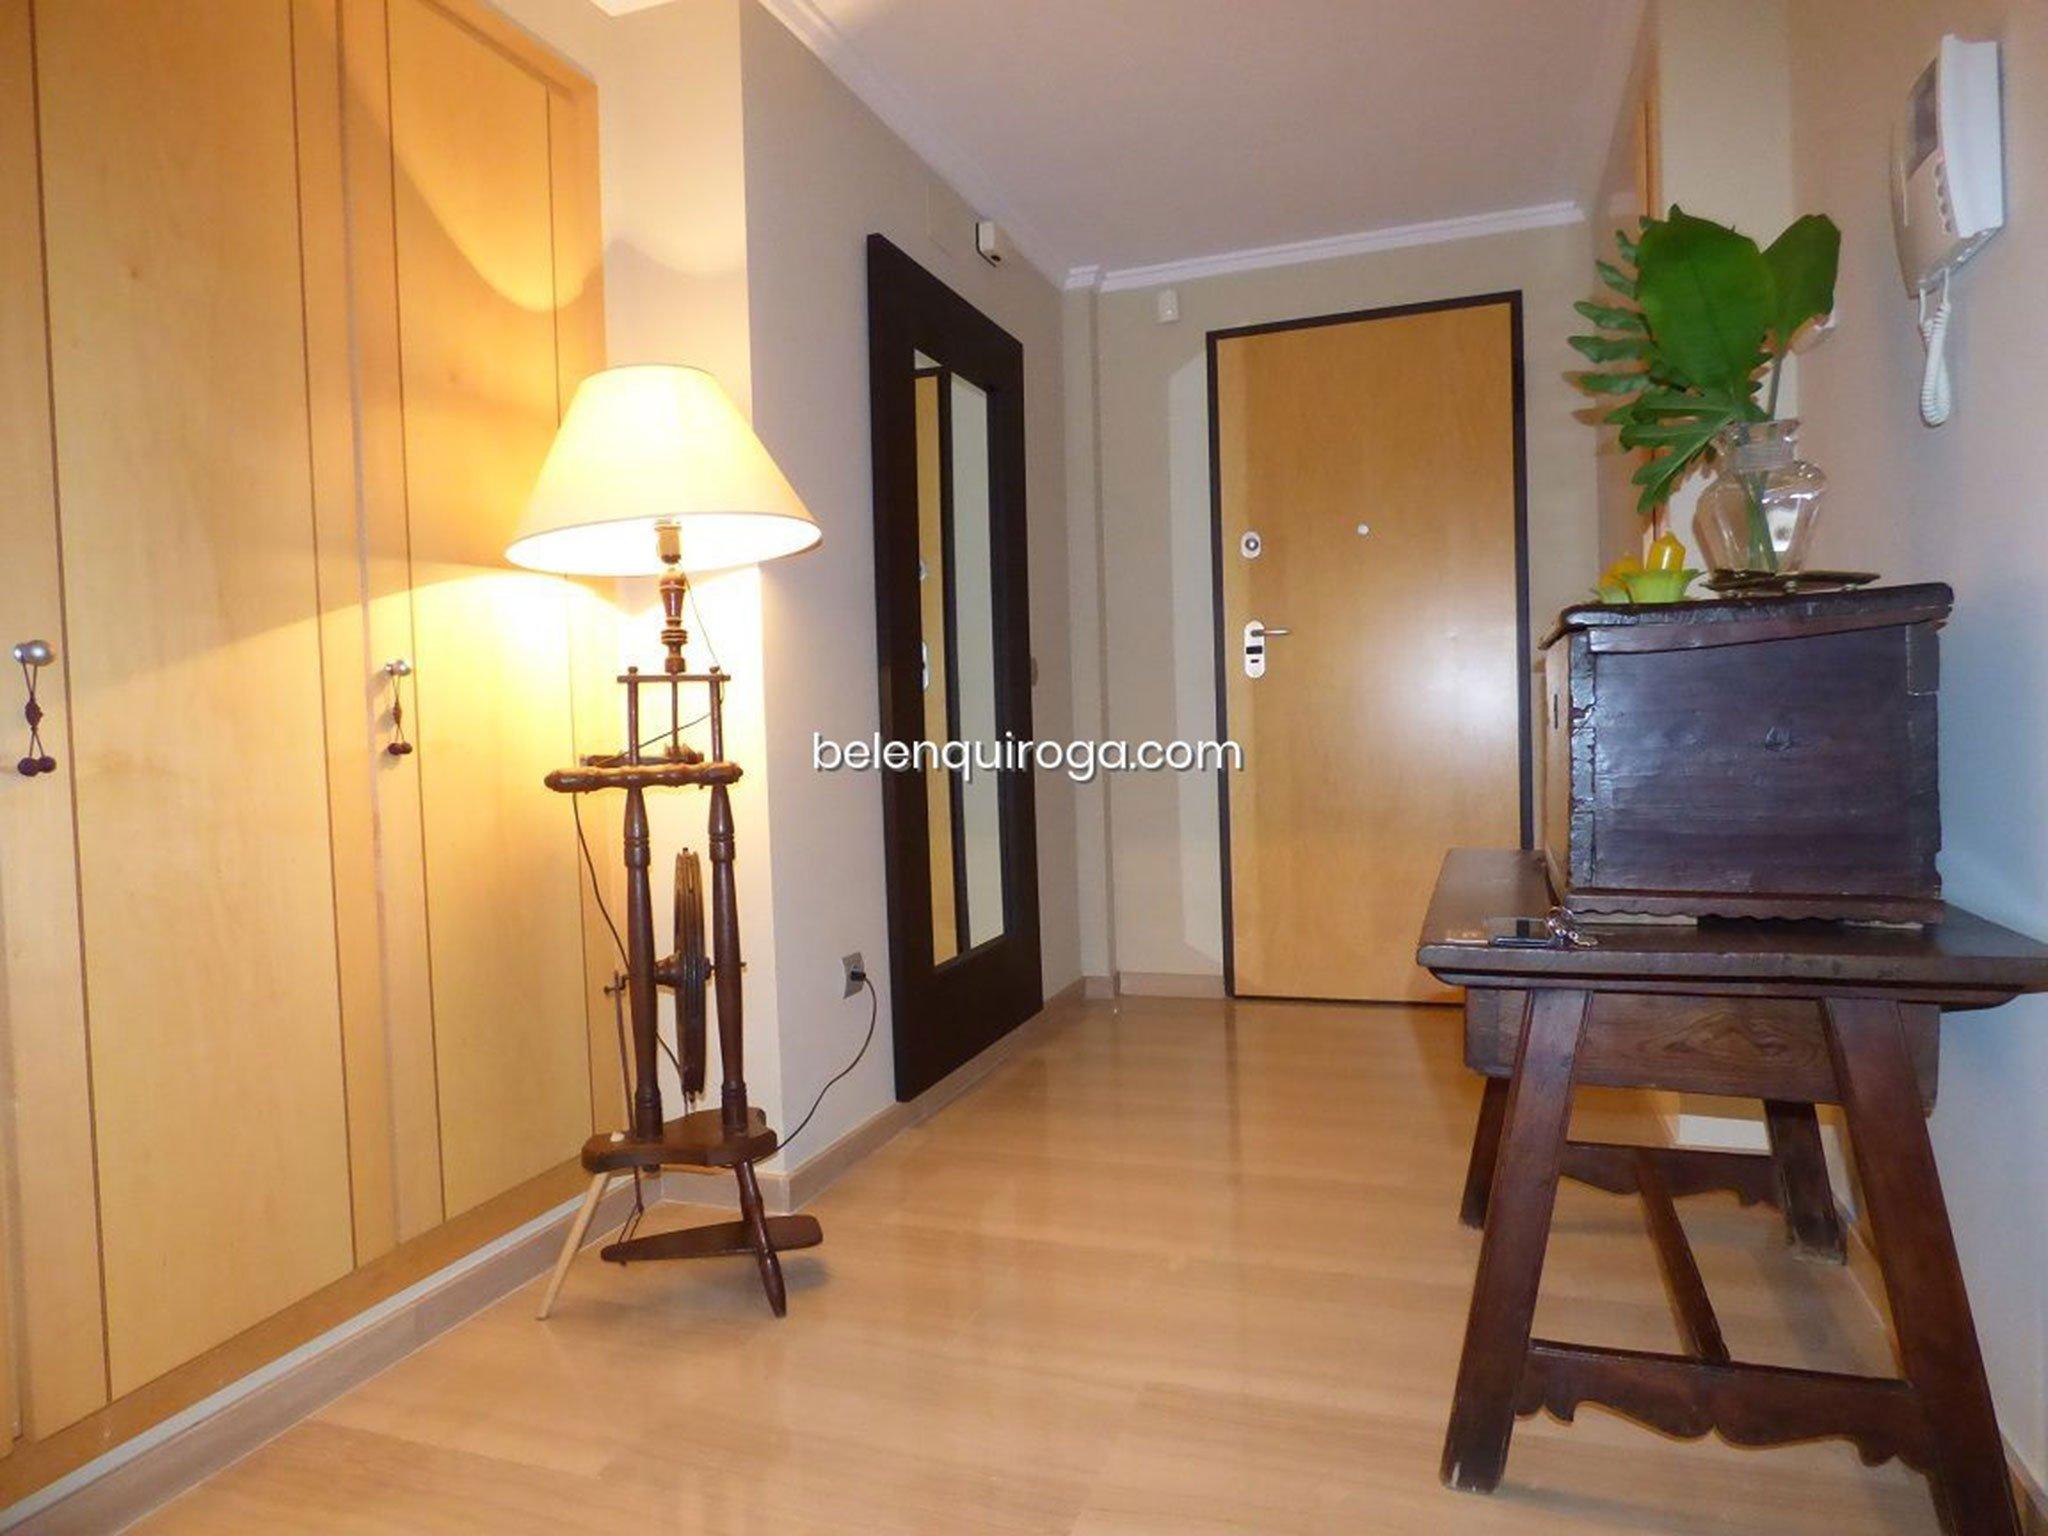 Recibidor de un adosado en venta en Jávea – Inmobiliaria Belen Quiroga